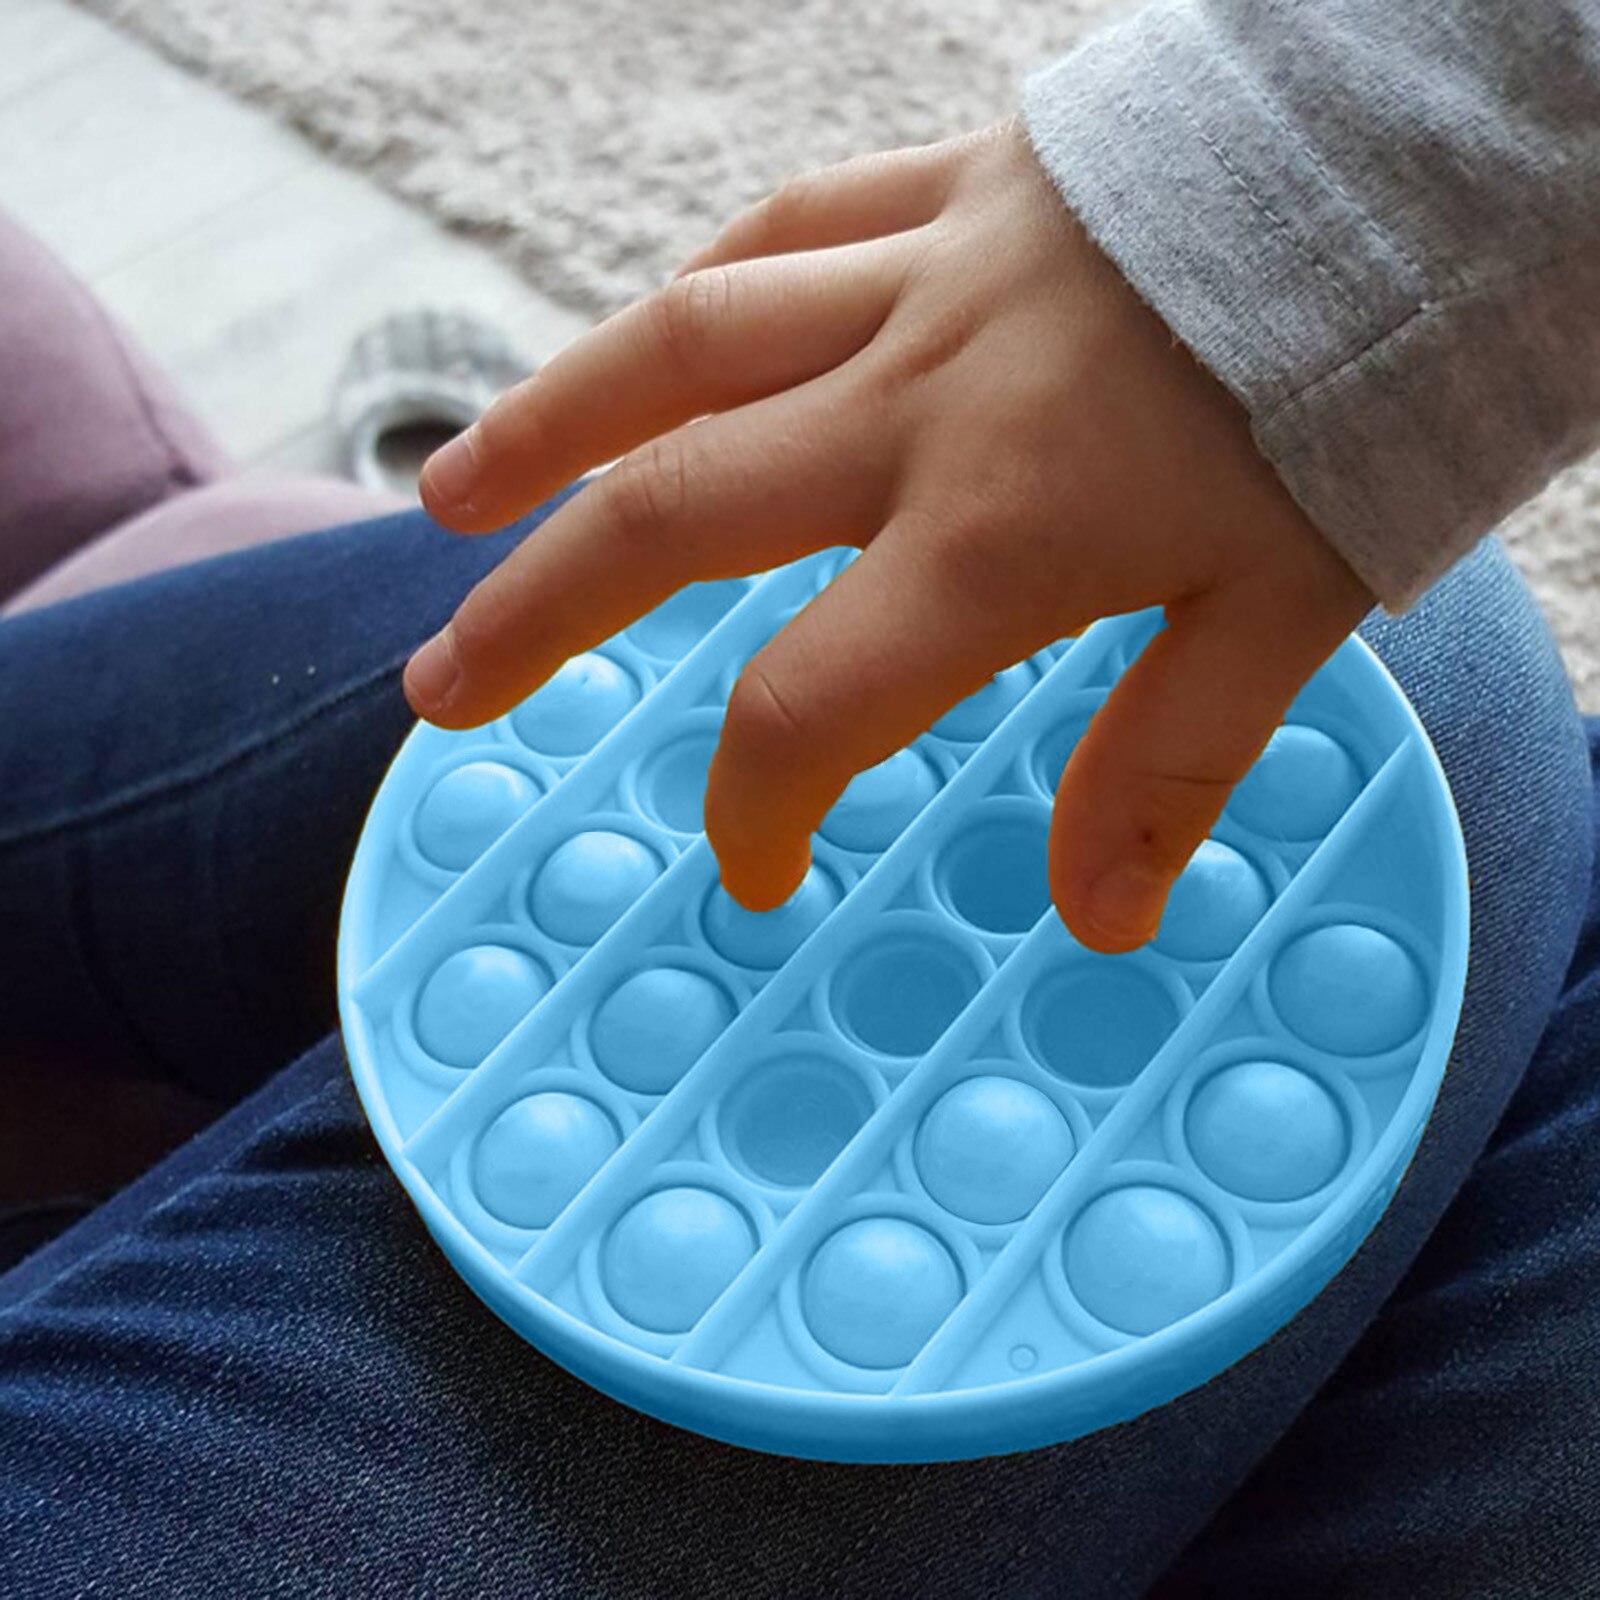 Пуш-ап поп пузырь сенсорная игрушка для аутистов потребности мягкие игрушки для снятия стресса для взрослых и детей смешные анти-стресс выт...